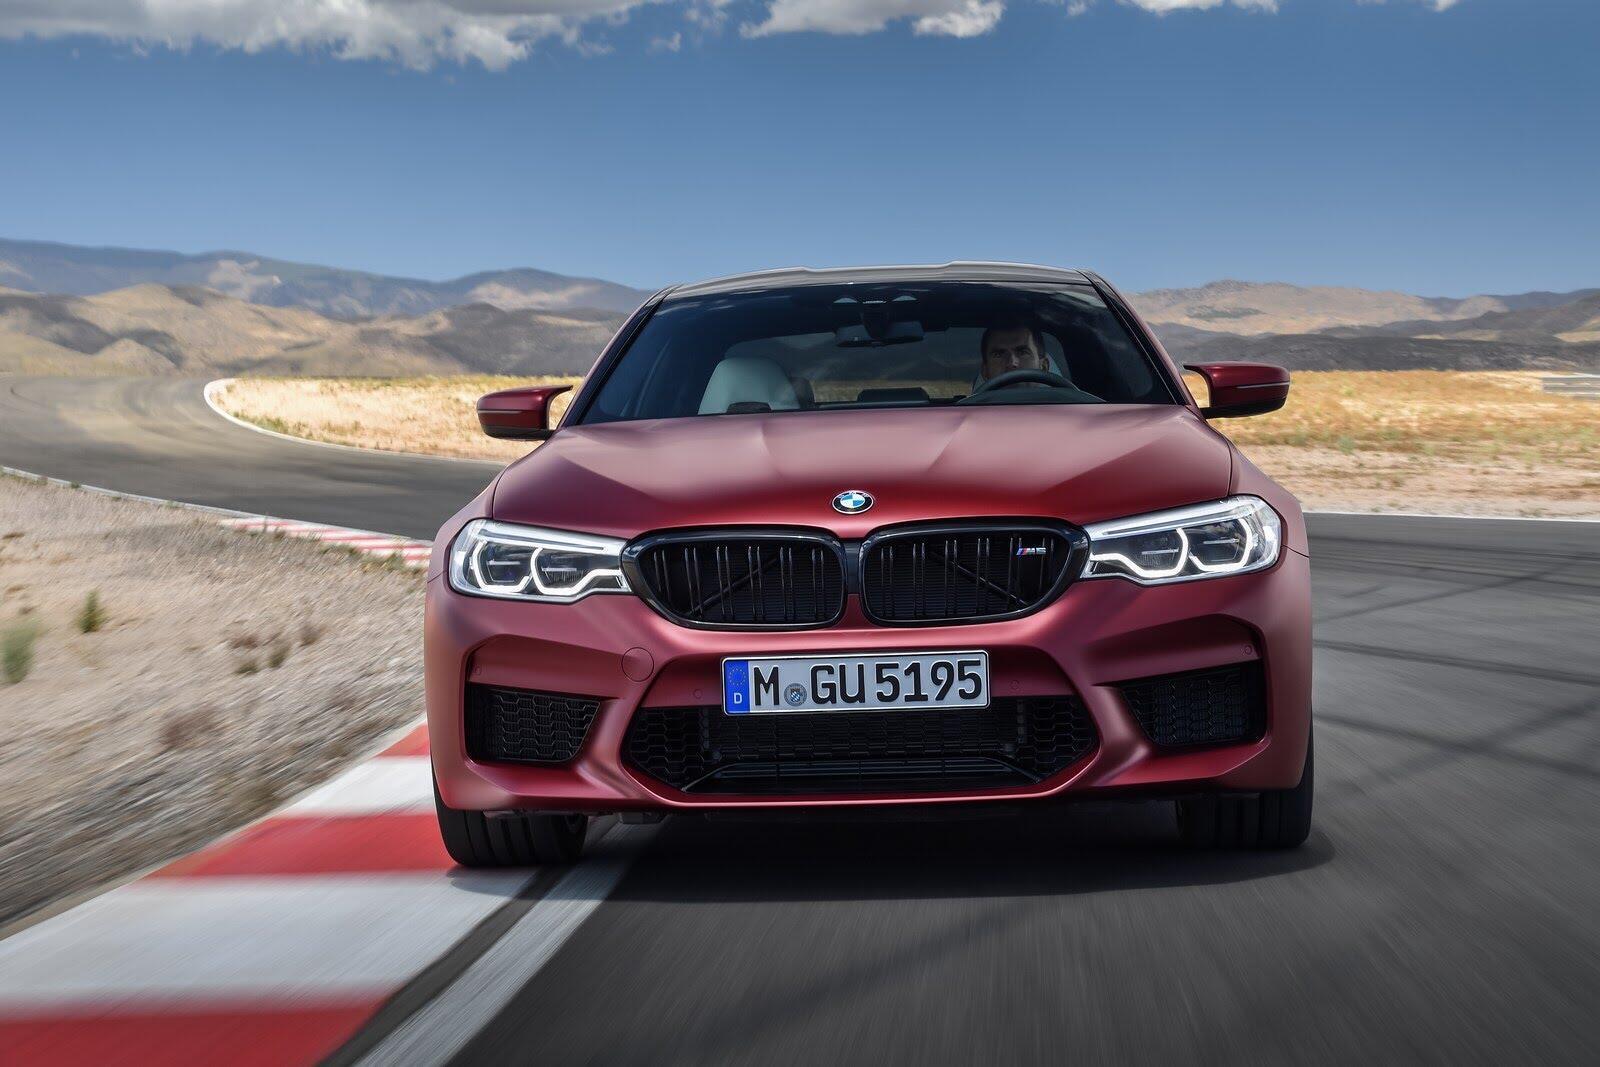 BMW M5 2018 chính thức trình làng với 600 mã lực - Hình 31